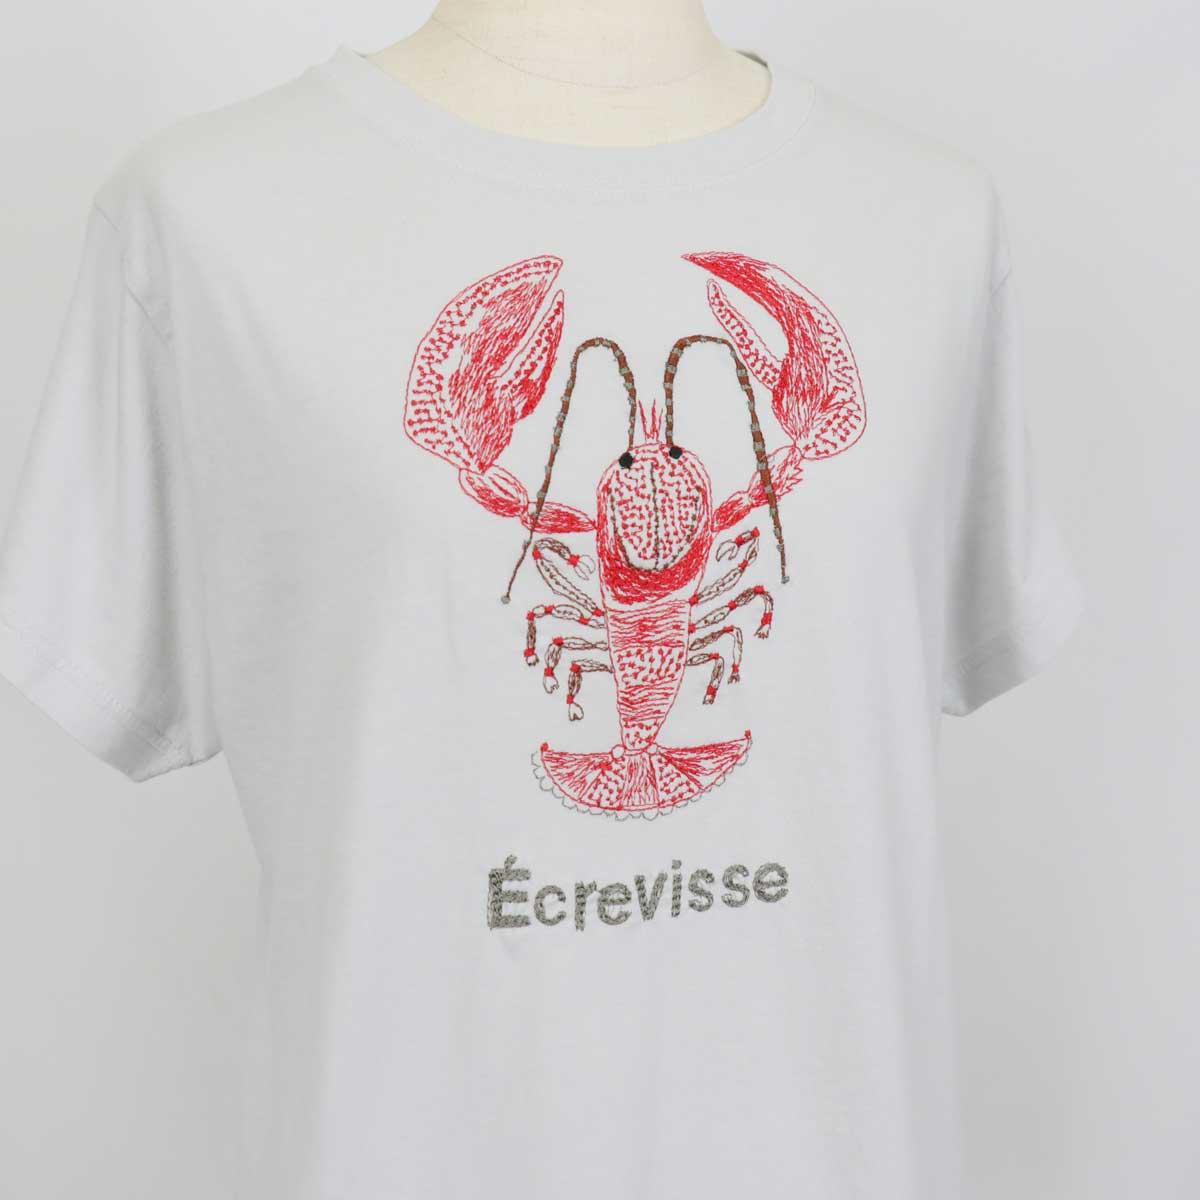 ≪SALE・20パーセントオフ≫marble sud マーブルシュッド Tシャツ EMSザリガニ S/S TEE